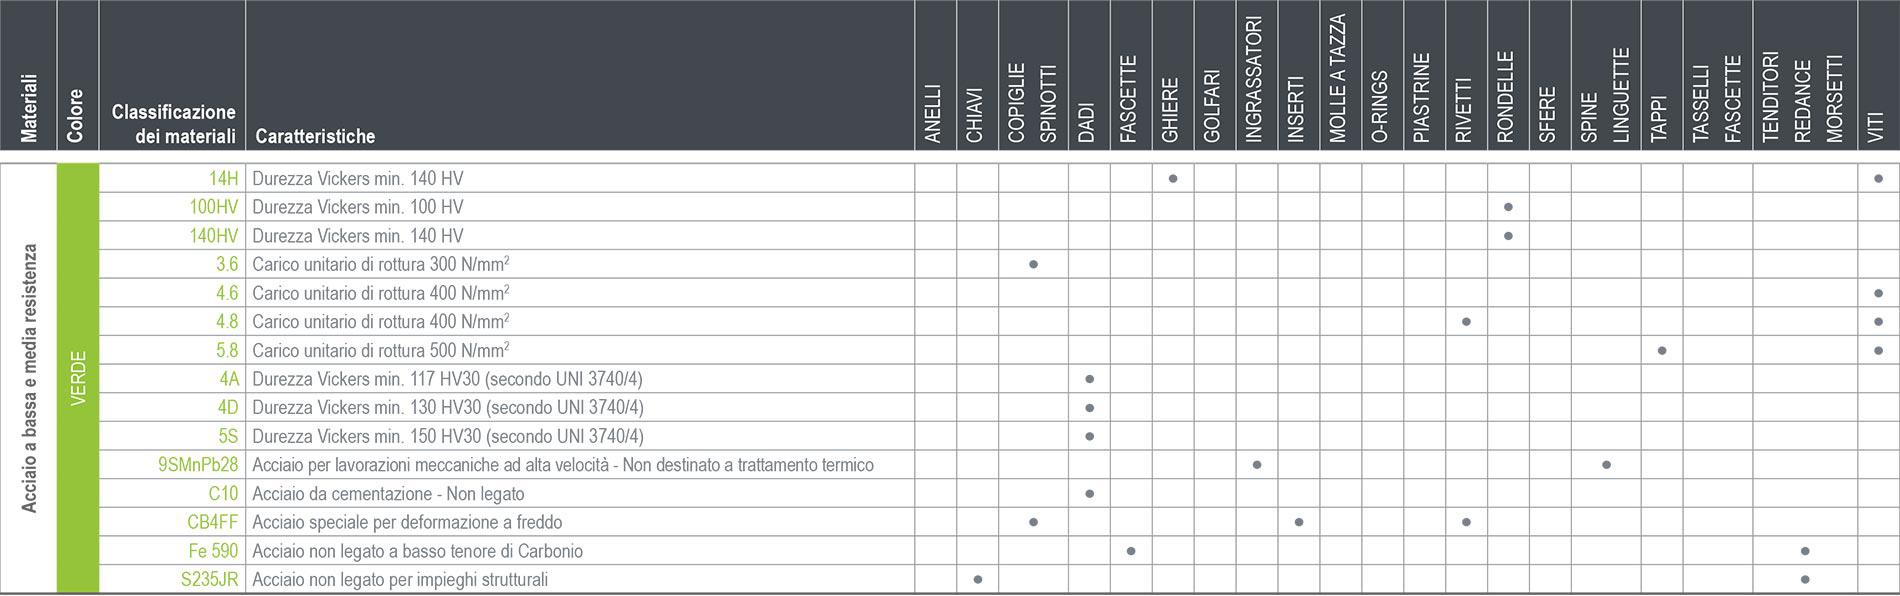 tabella-acciaio-media-bassa-resistenza